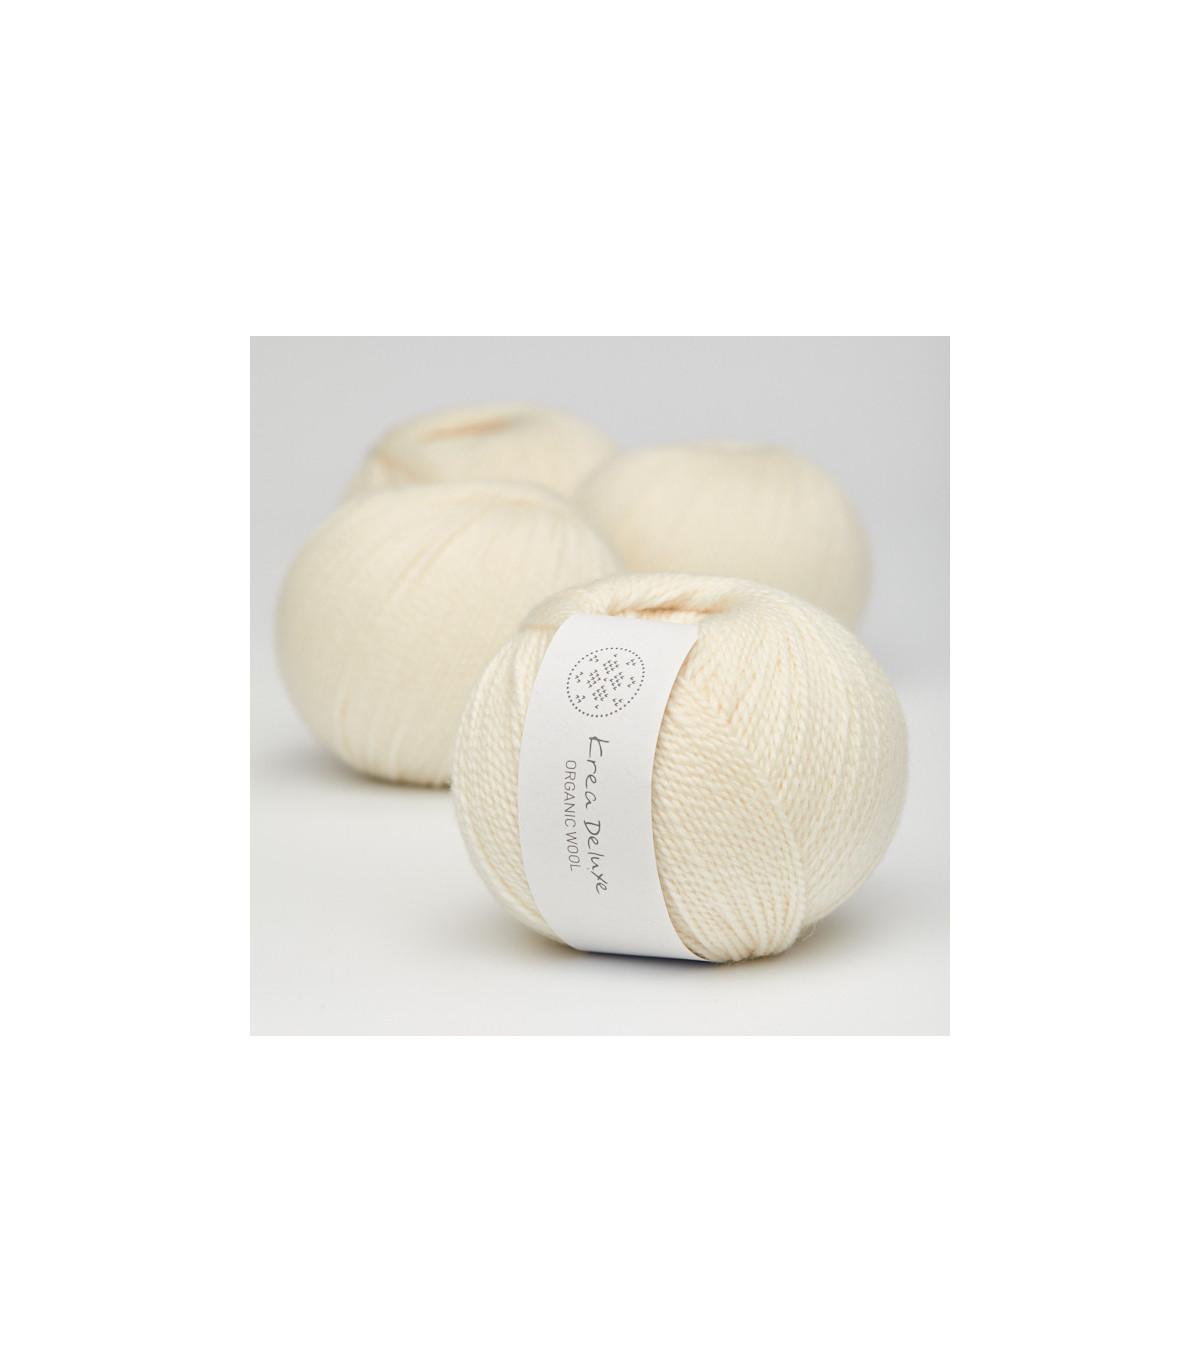 Wool 1 (Neu) - Krea Deluxe in der Farbe W 02 Cream